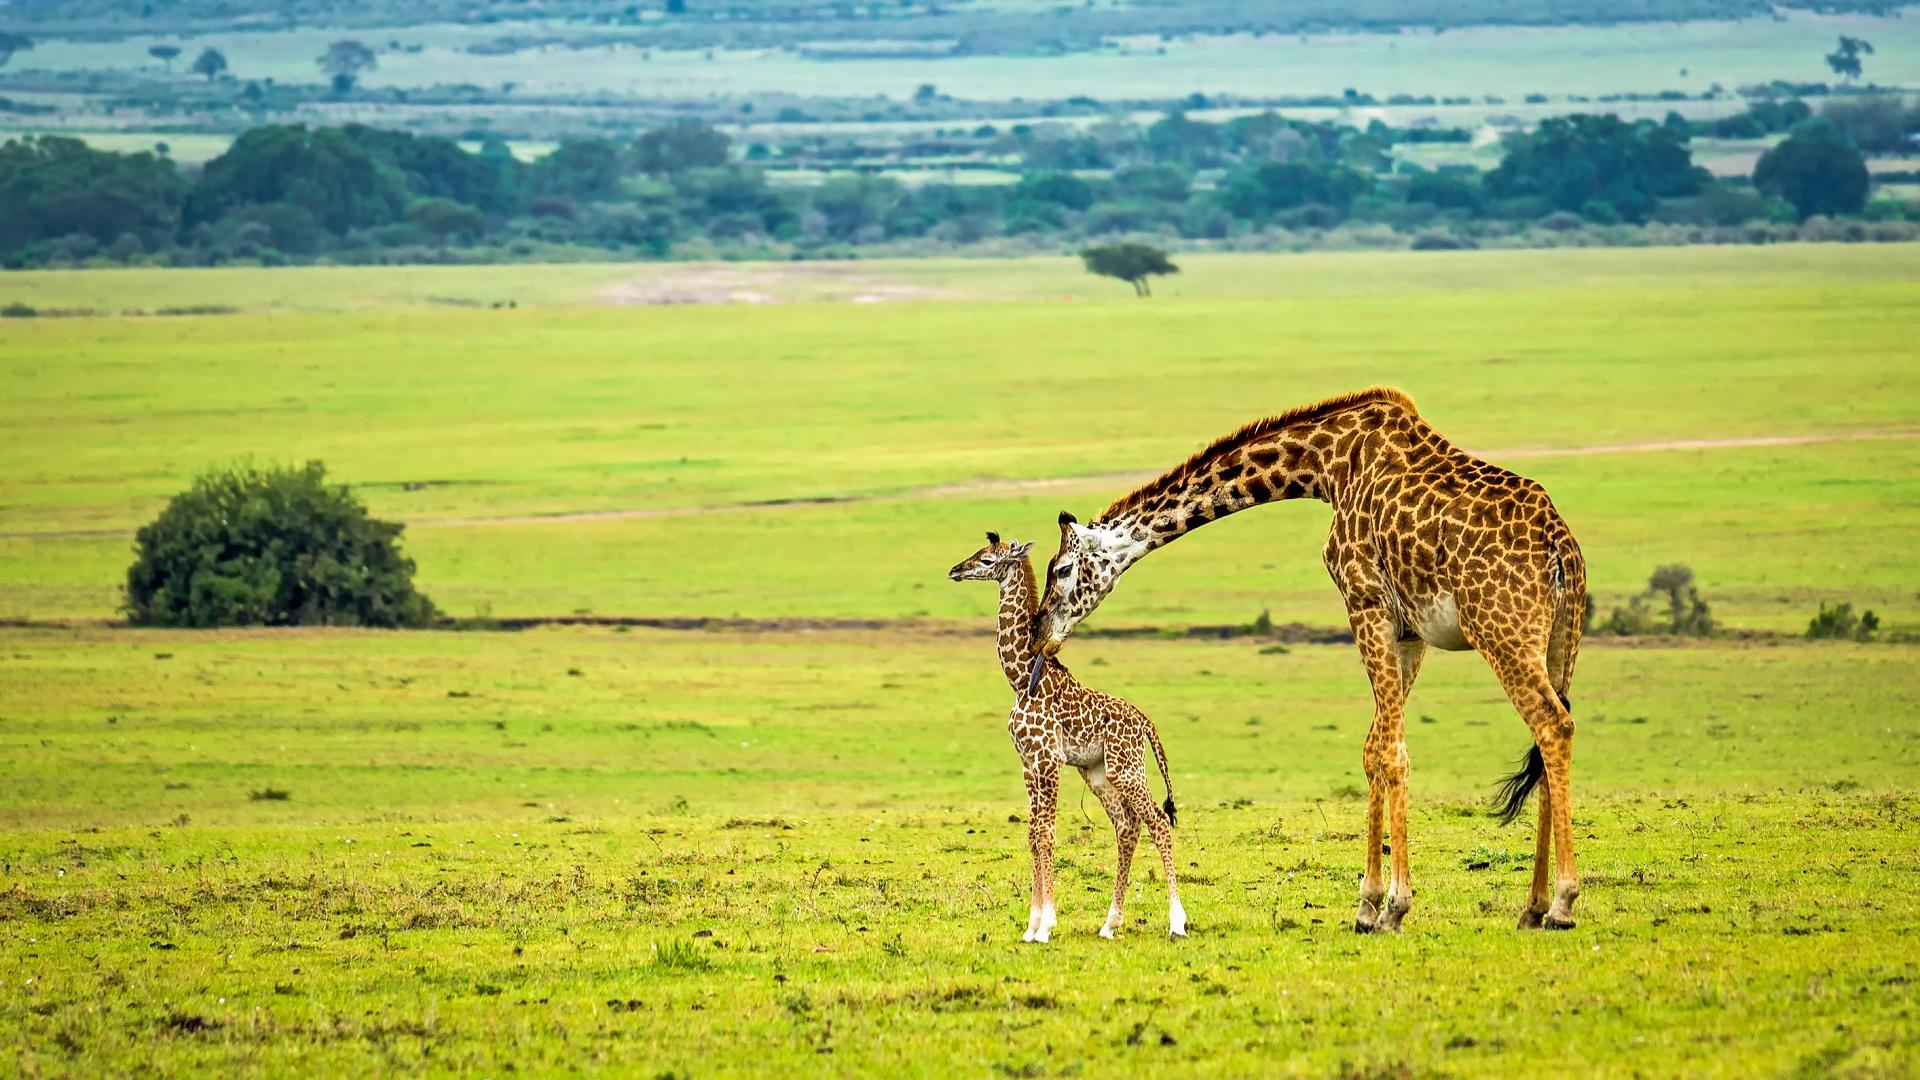 A female giraffe is called a cow.